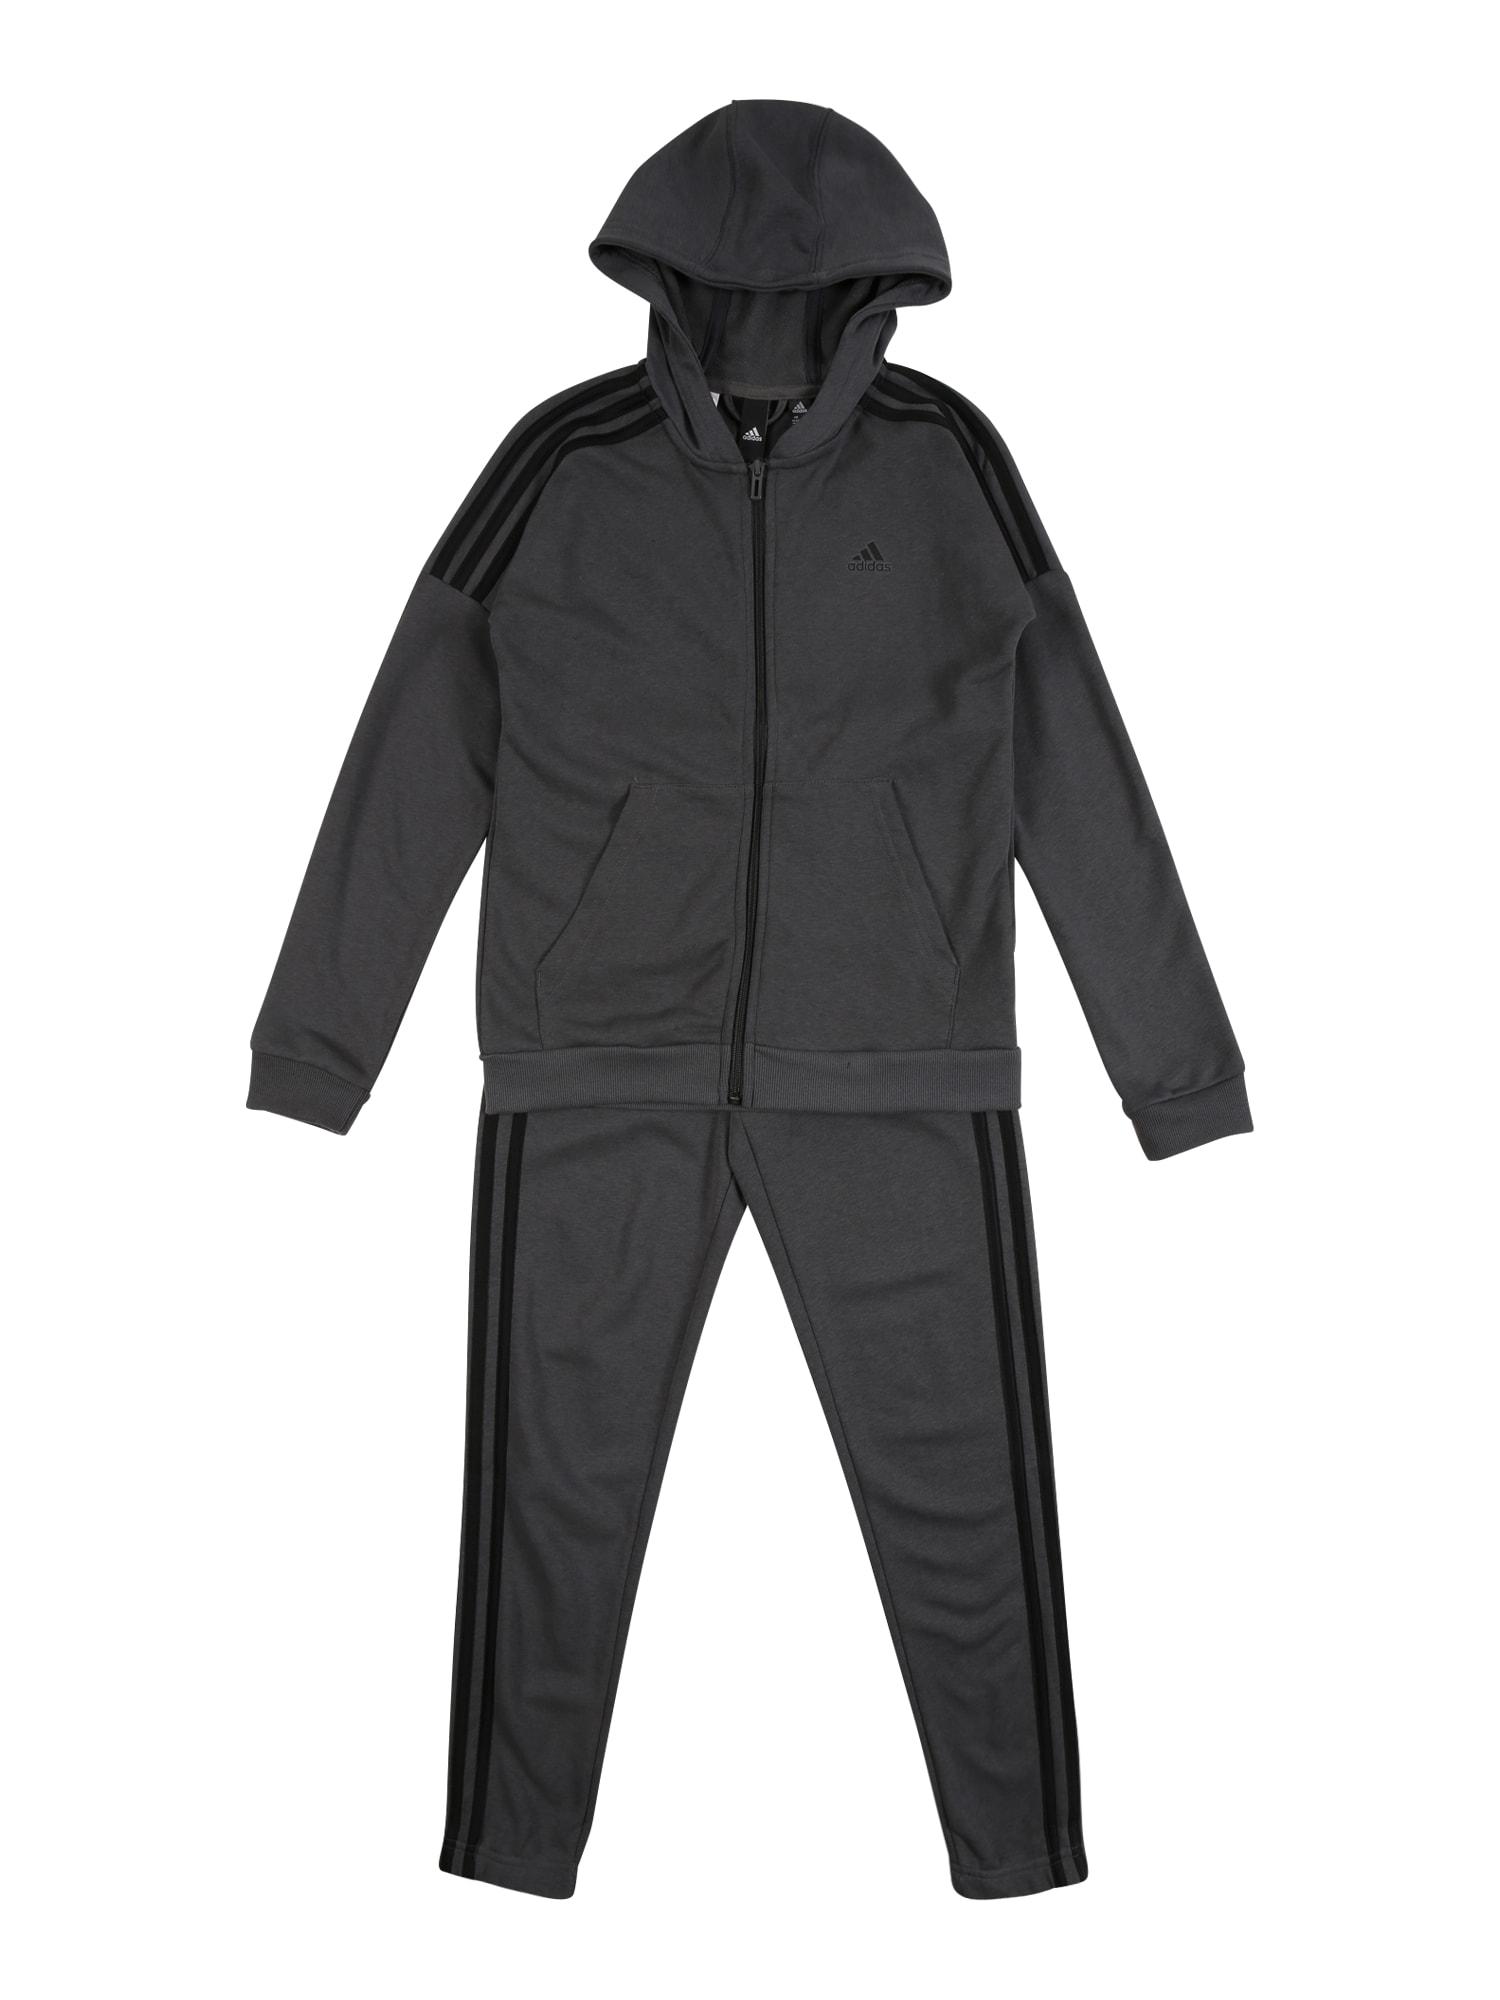 ADIDAS PERFORMANCE Sportovní oblečení  černá / tmavě šedá